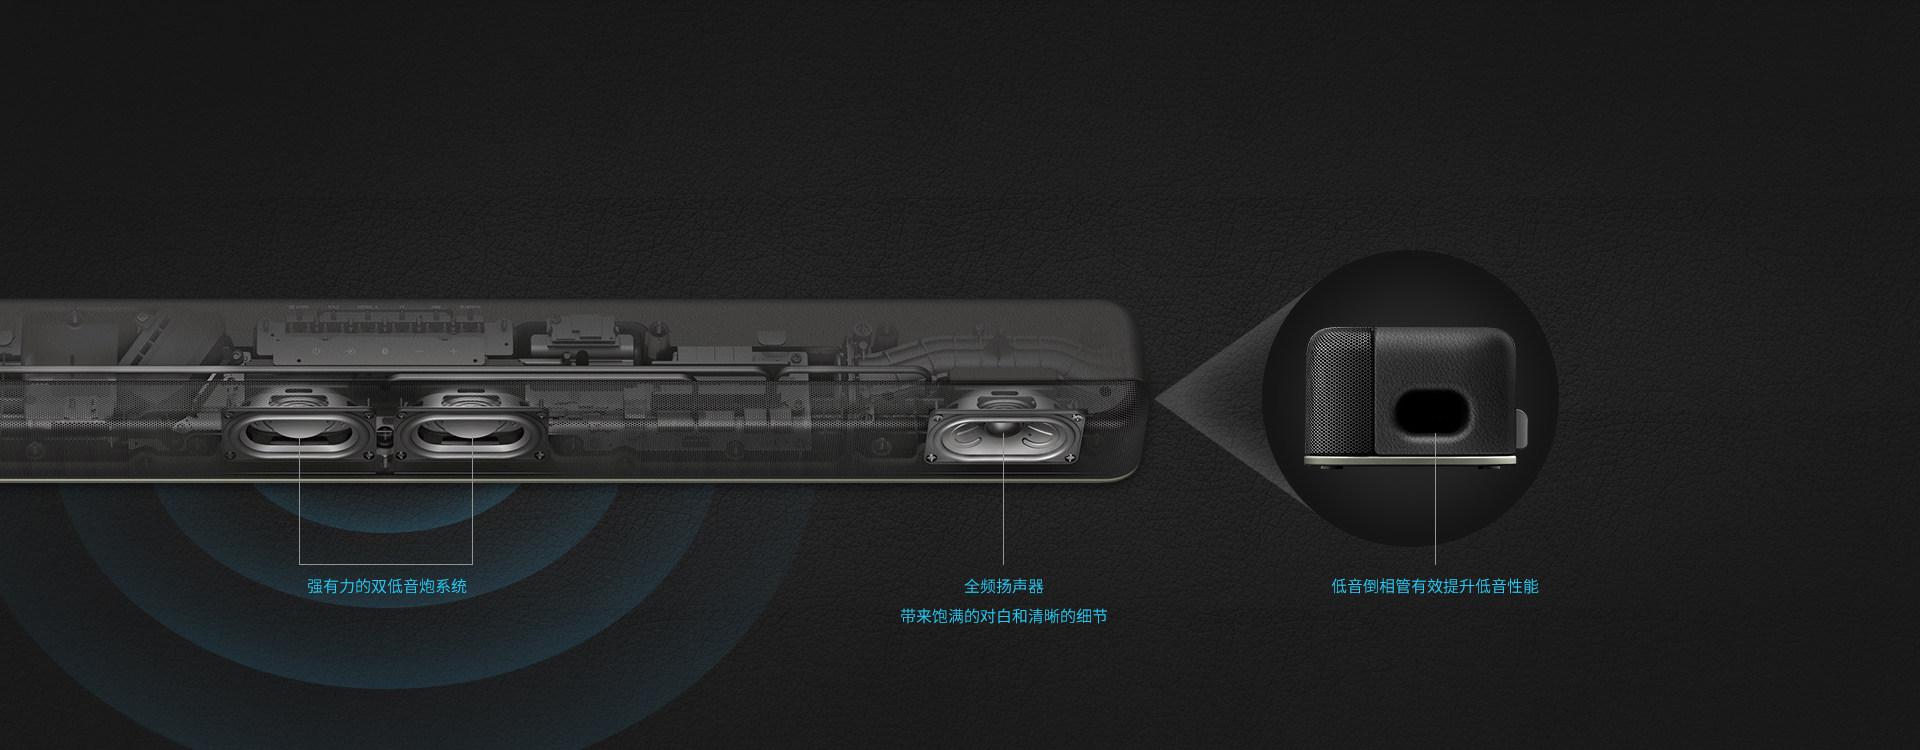 索尼杜比全景声回音壁HT-X8500国内开卖 售价2990元